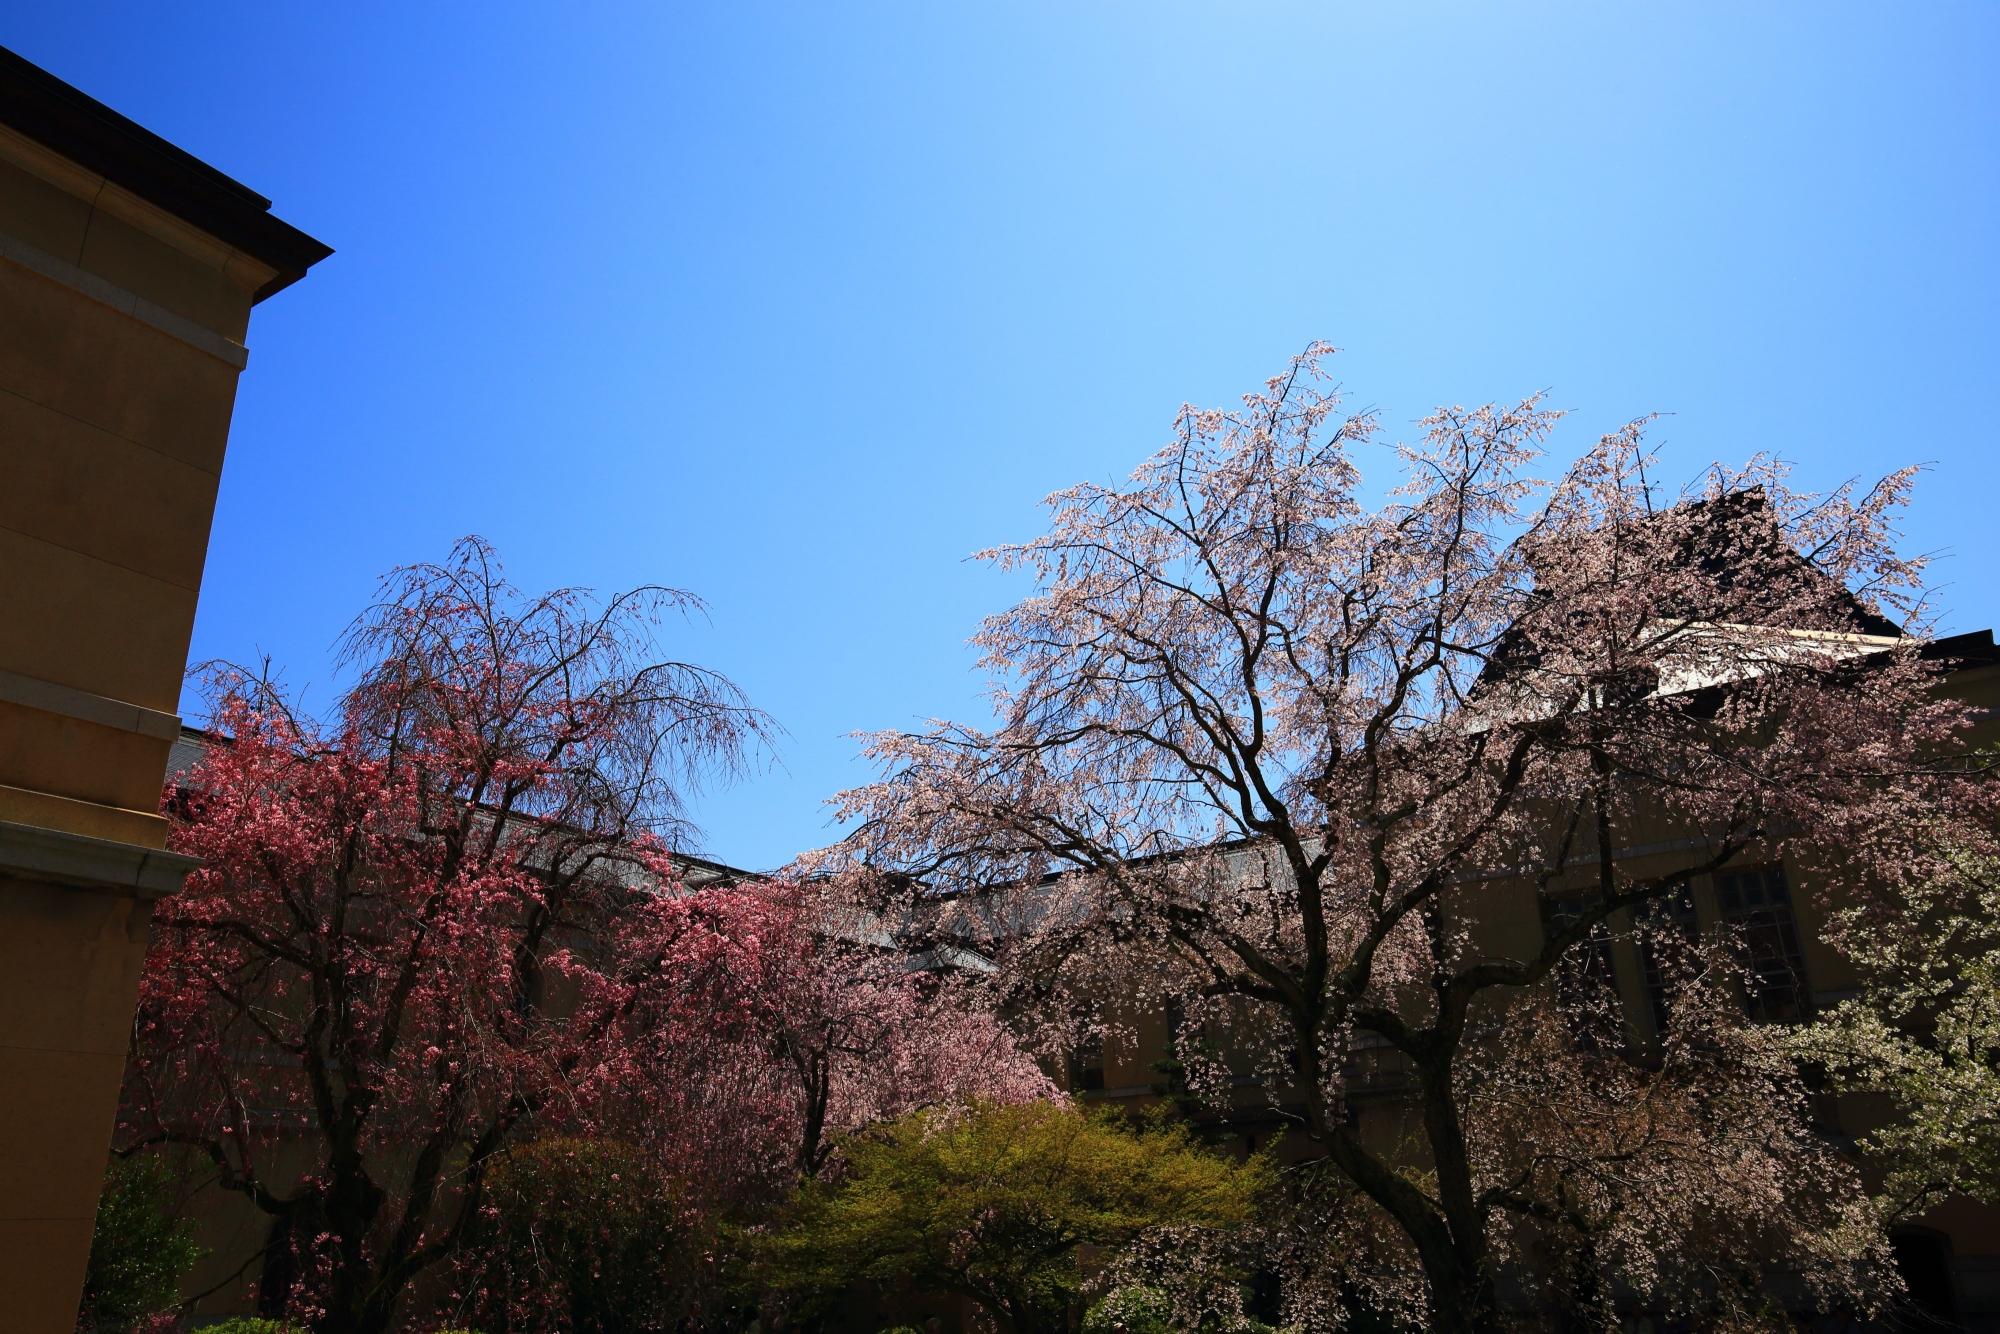 桜の種類も多い隠れた桜の名所の京都府庁旧本館